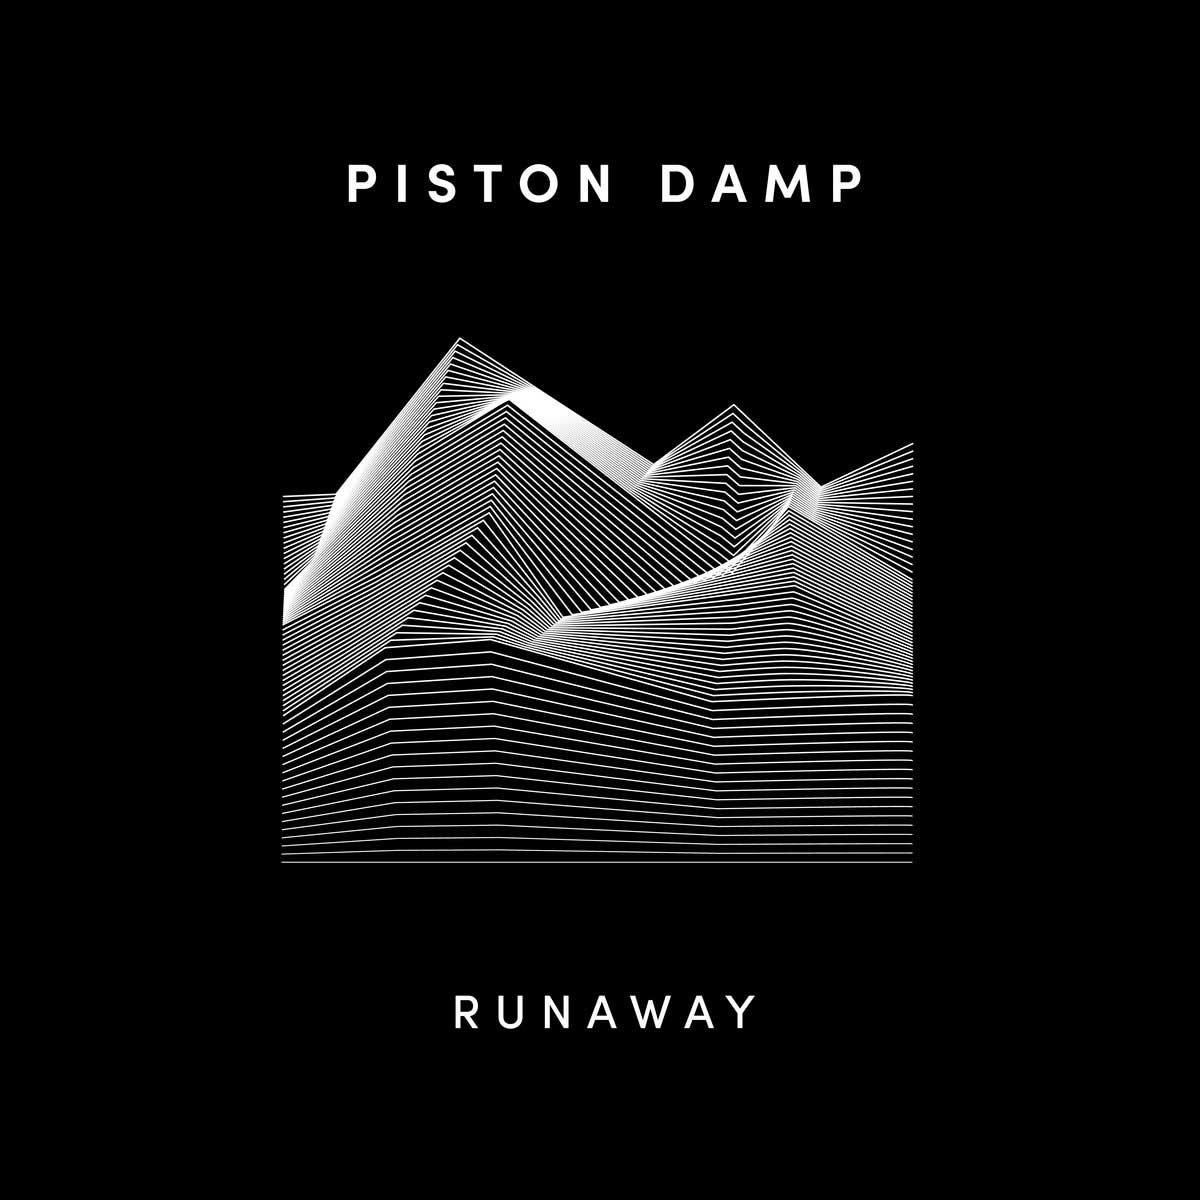 Piston Damp - Runaway - Piston Damp - Runaway